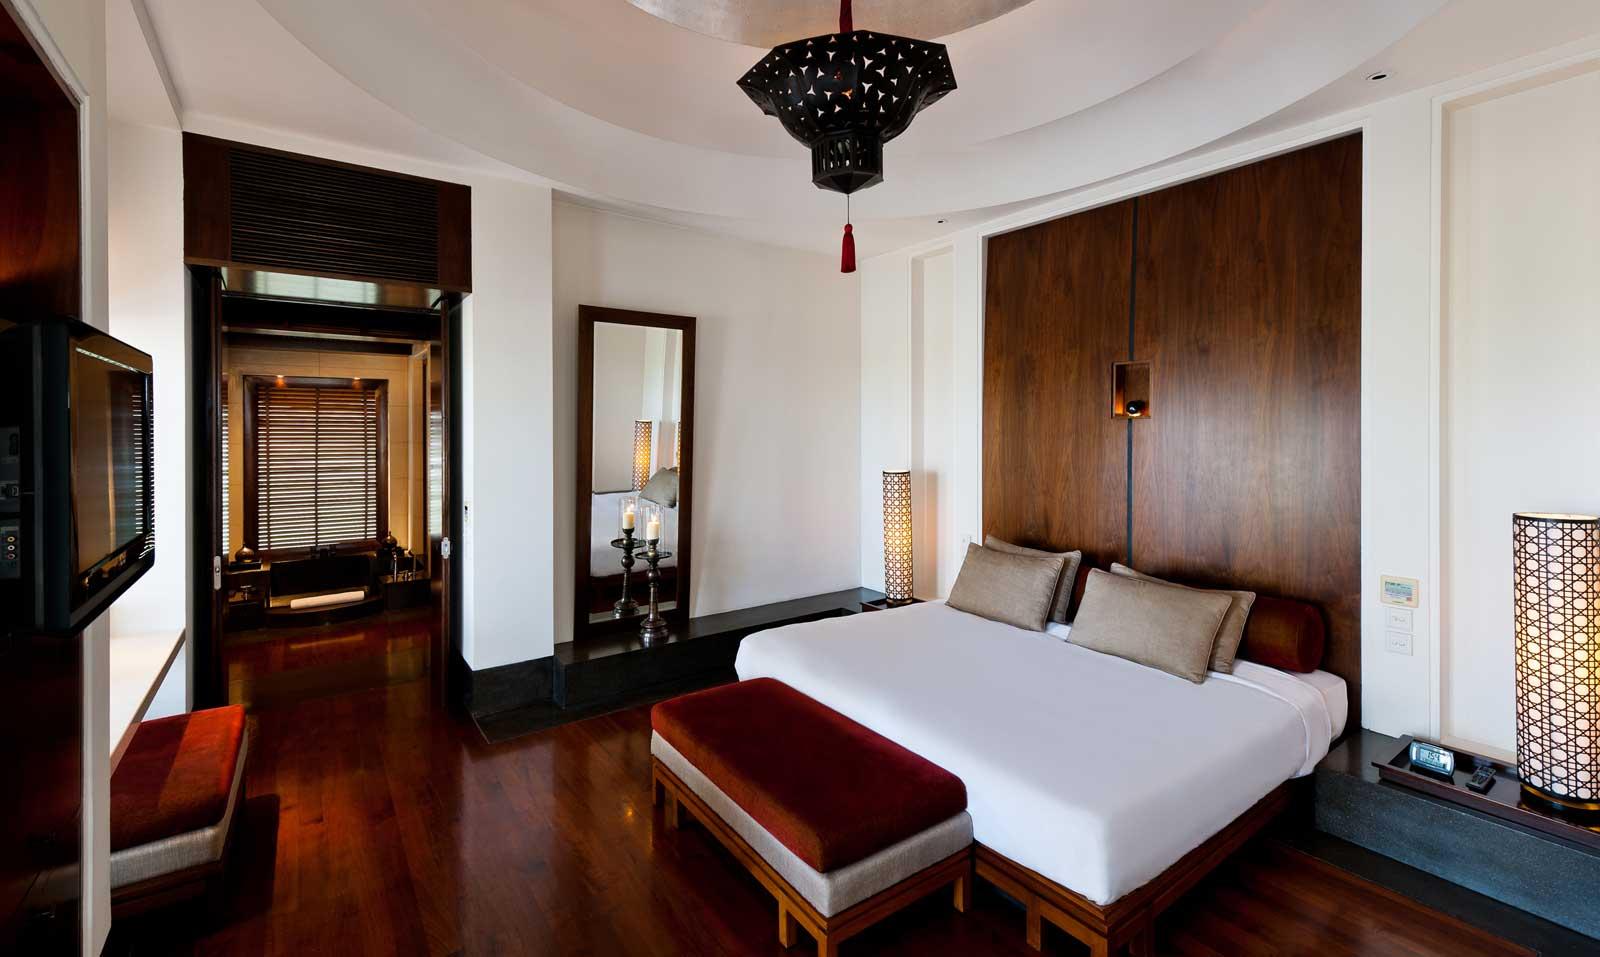 The Chedi Muscat a GHM Hotel